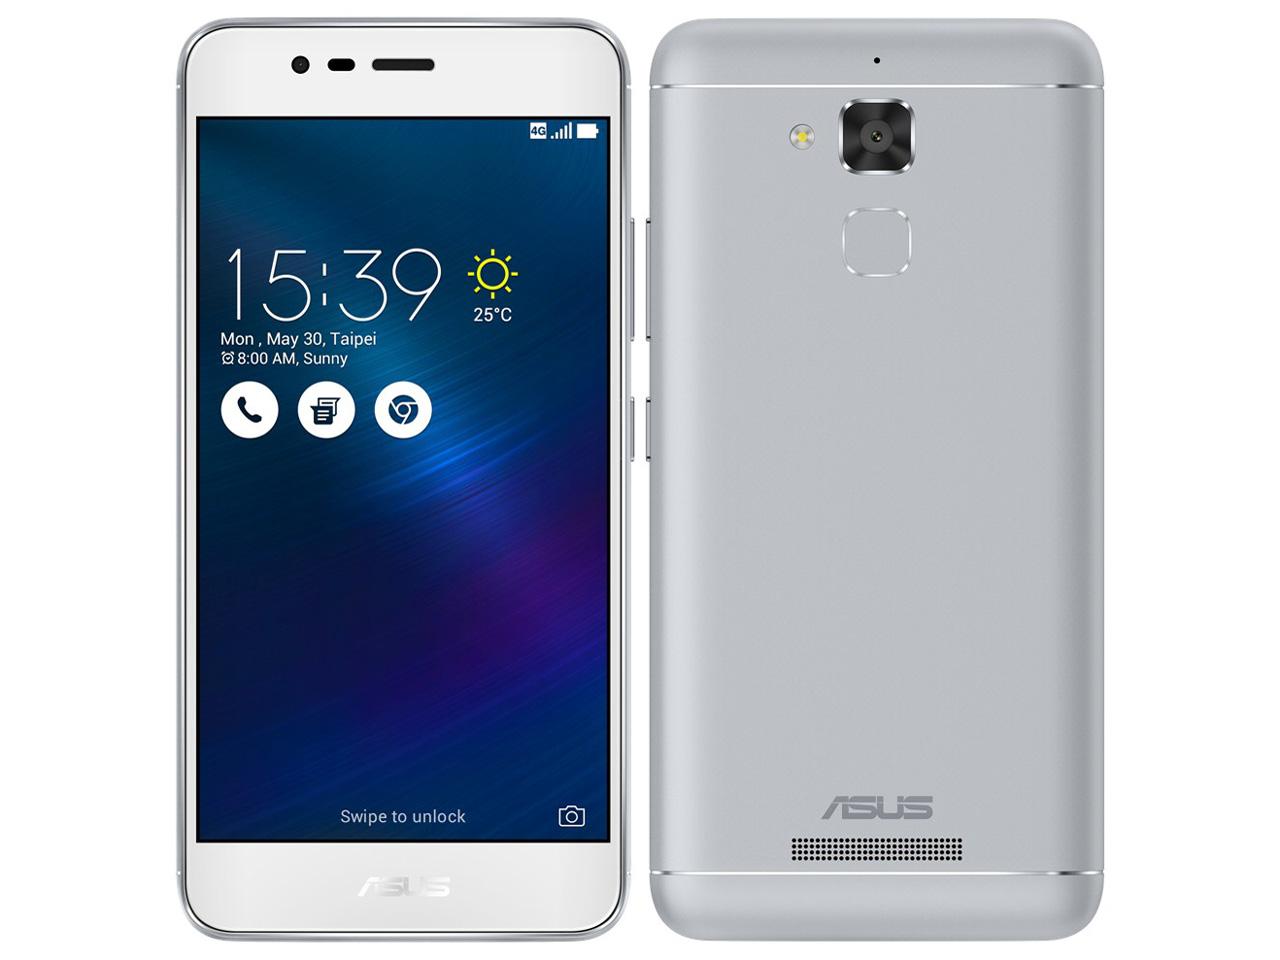 ASUS ZenFone 3 Max 製品画像